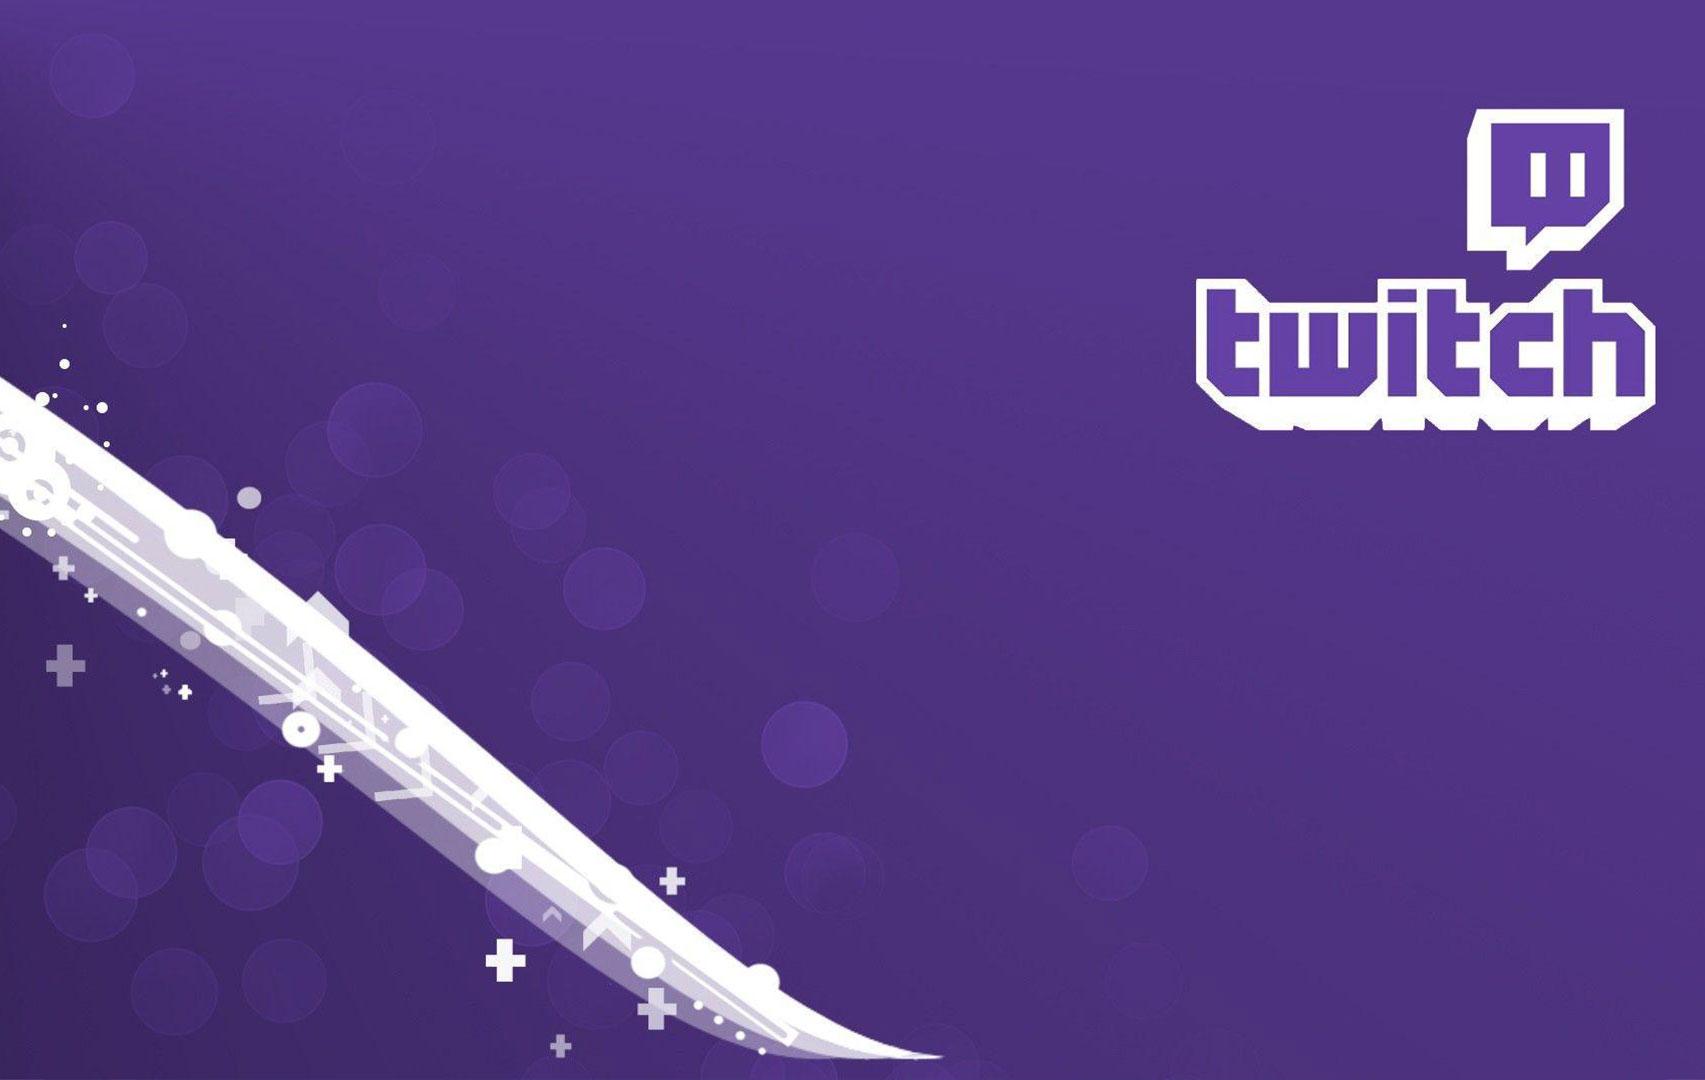 آموزش فعال سازی گیفت کارت توییچ Twitch